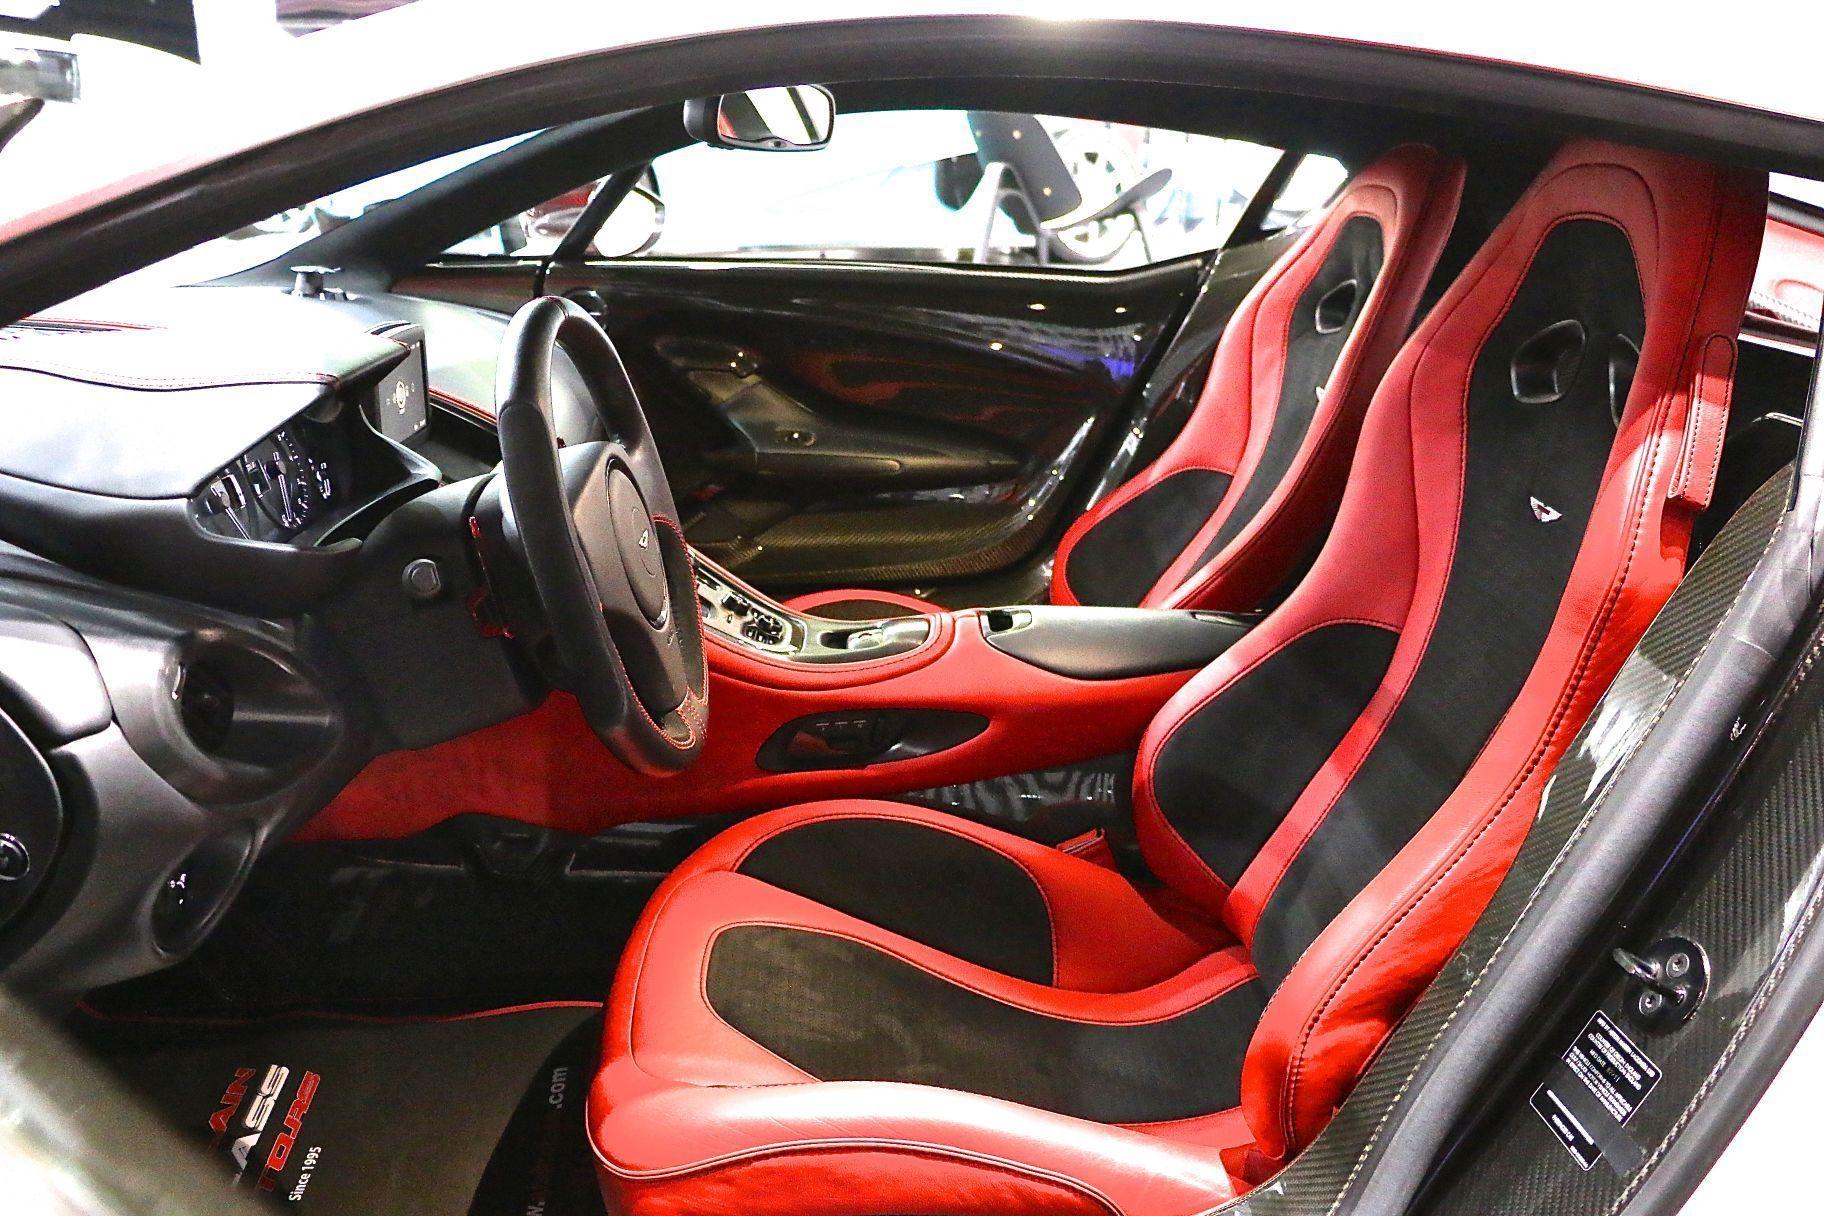 Aston Martin e 77 for sale in Dubai interior